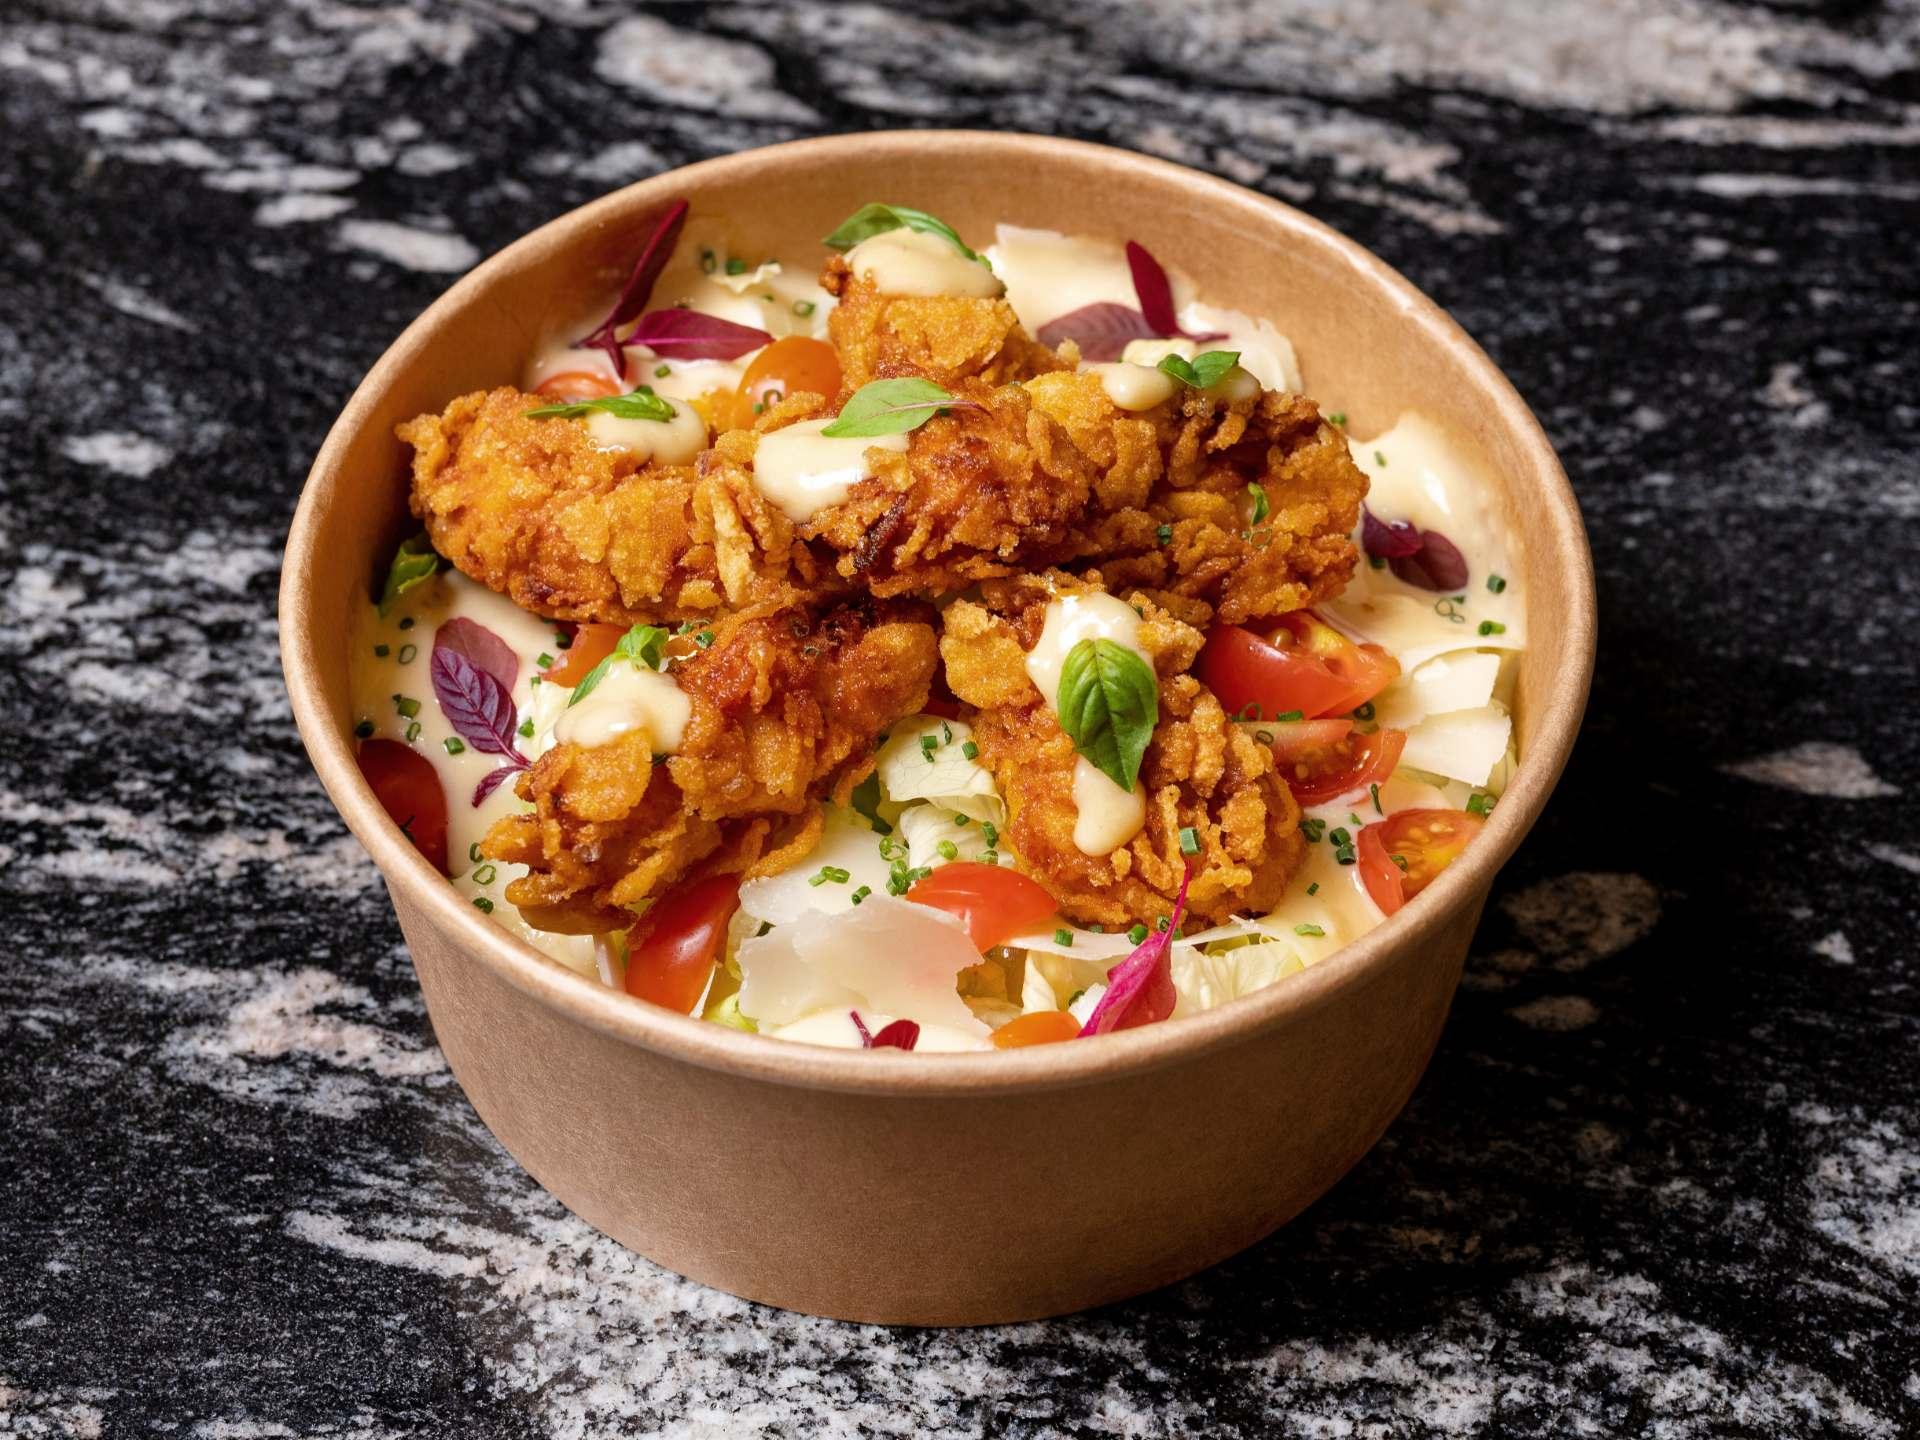 Nuestra ensalada César con parmesano rallado y pollo crujiente